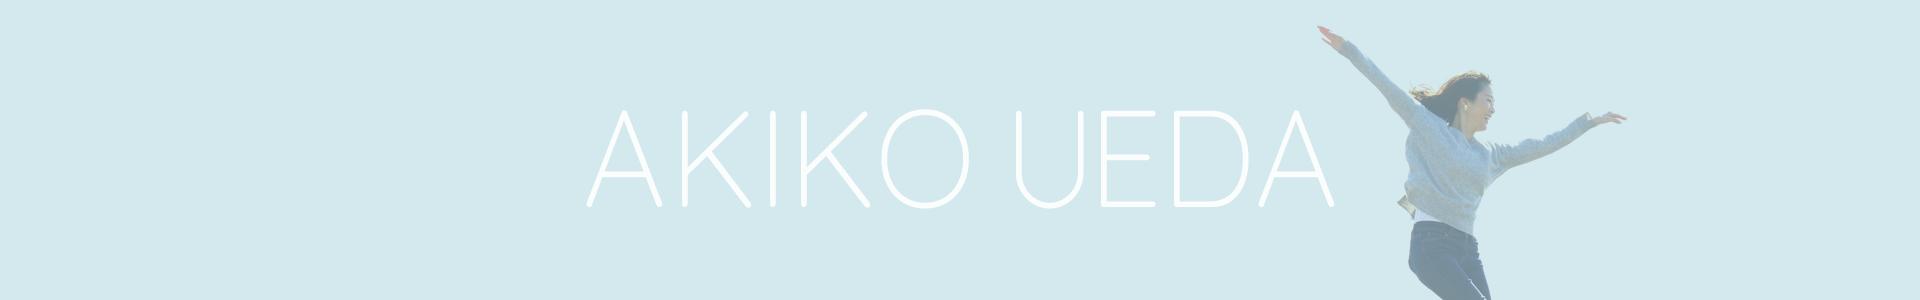 上田亜希子オフィシャルサイト